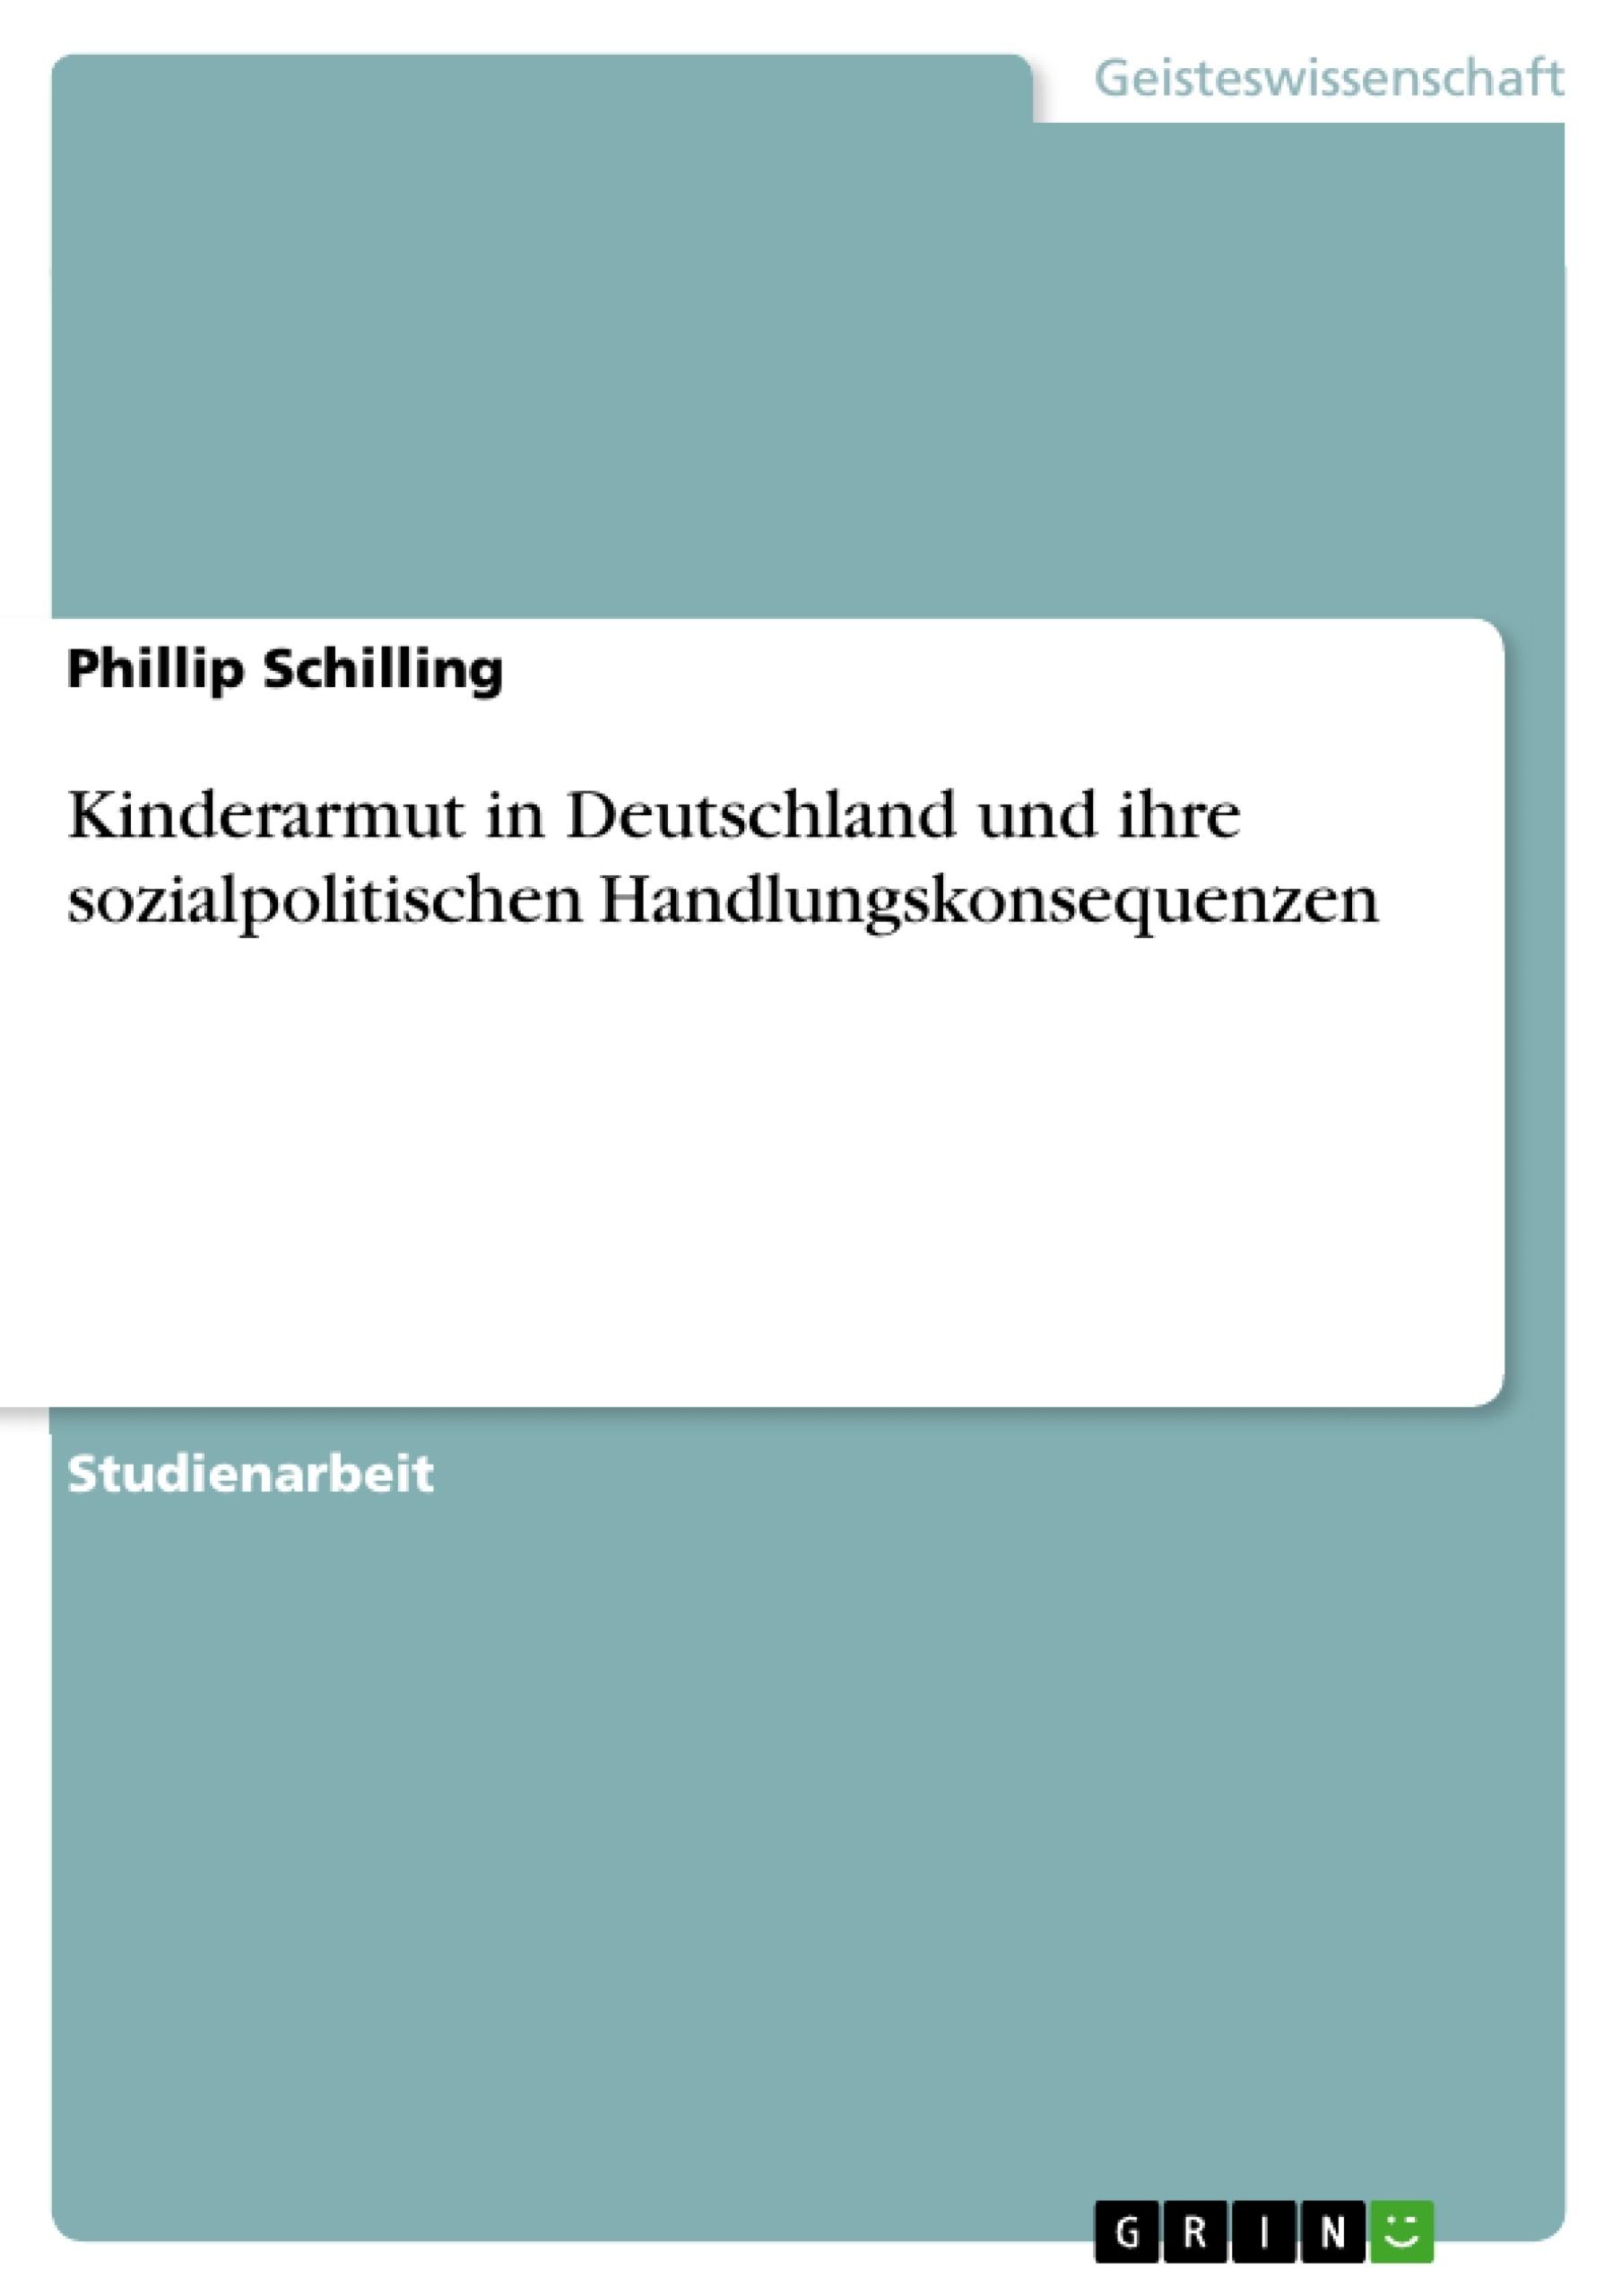 Titel: Kinderarmut in Deutschland und ihre sozialpolitischen Handlungskonsequenzen